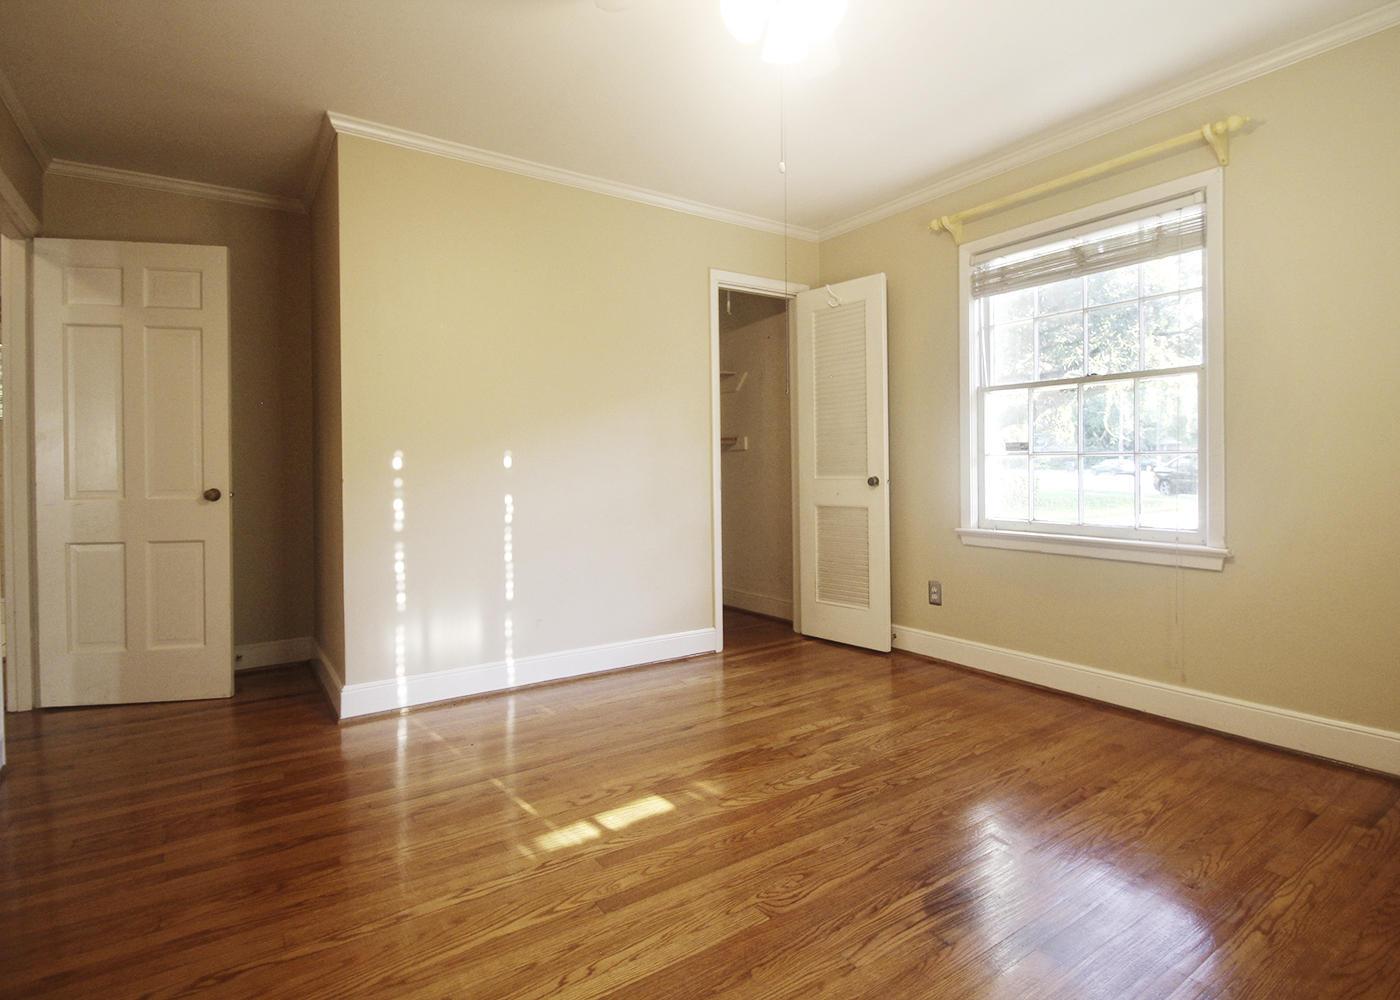 Moreland Homes For Sale - 802 Sheldon, Charleston, SC - 28